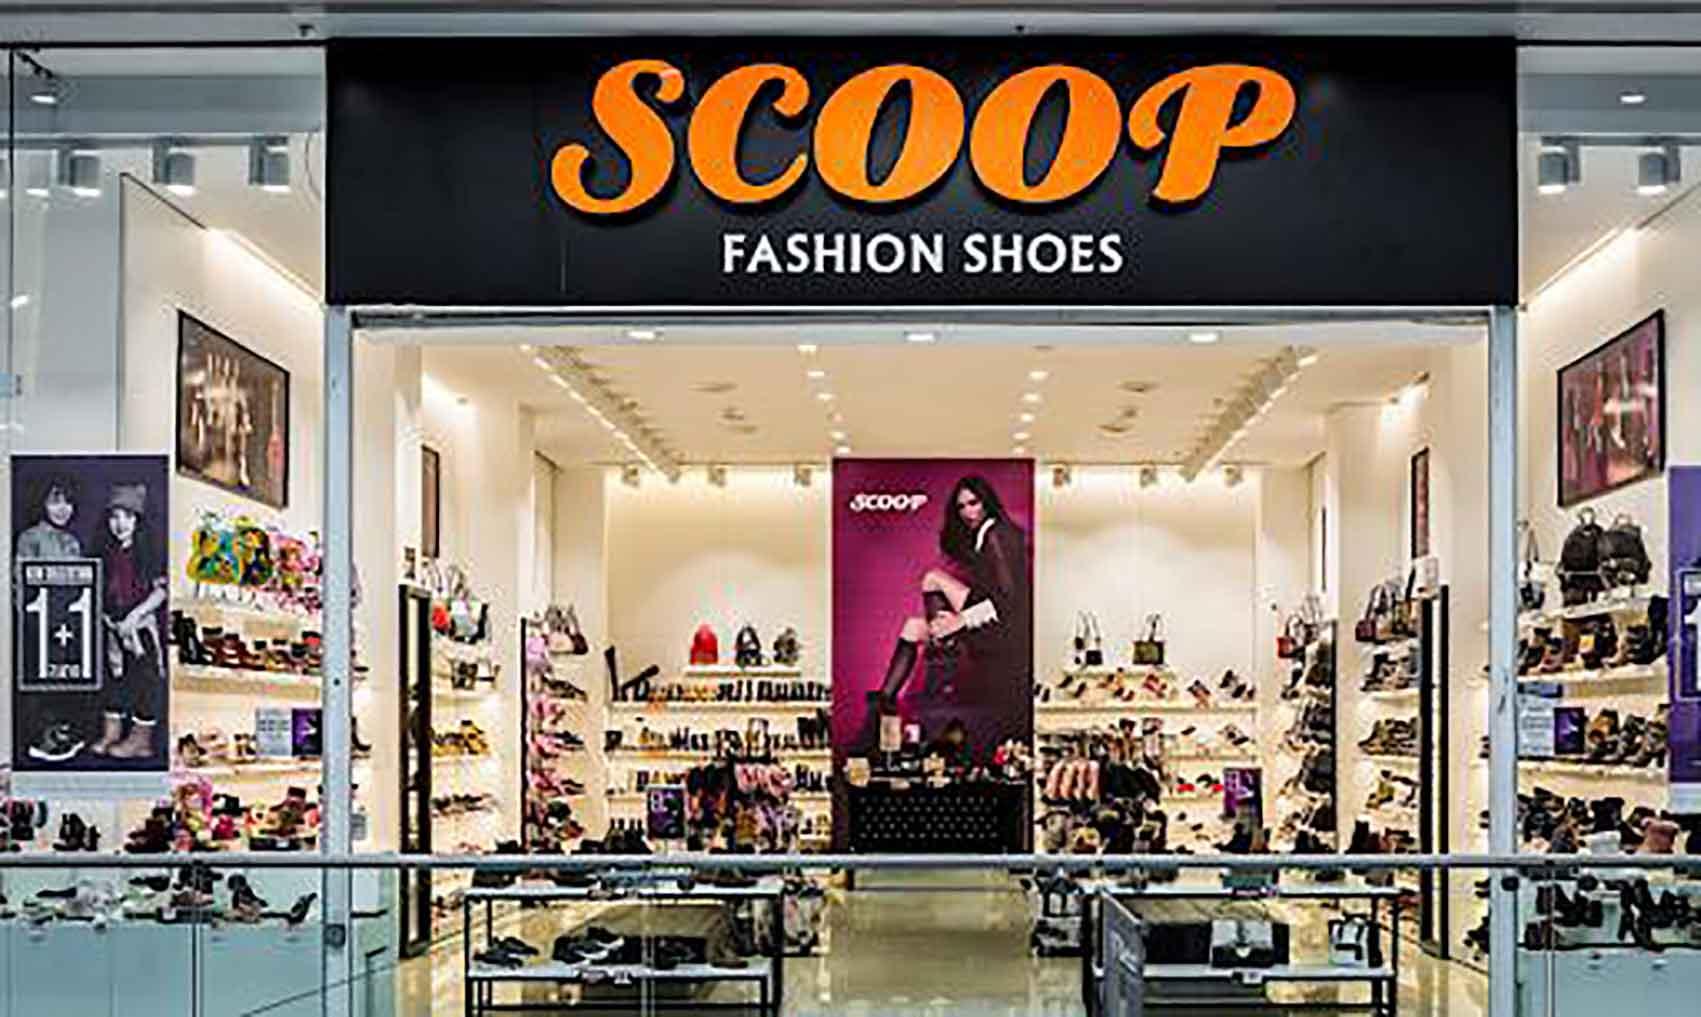 נעלי-סקופ-באבו דאבי-חדשות-האופנה